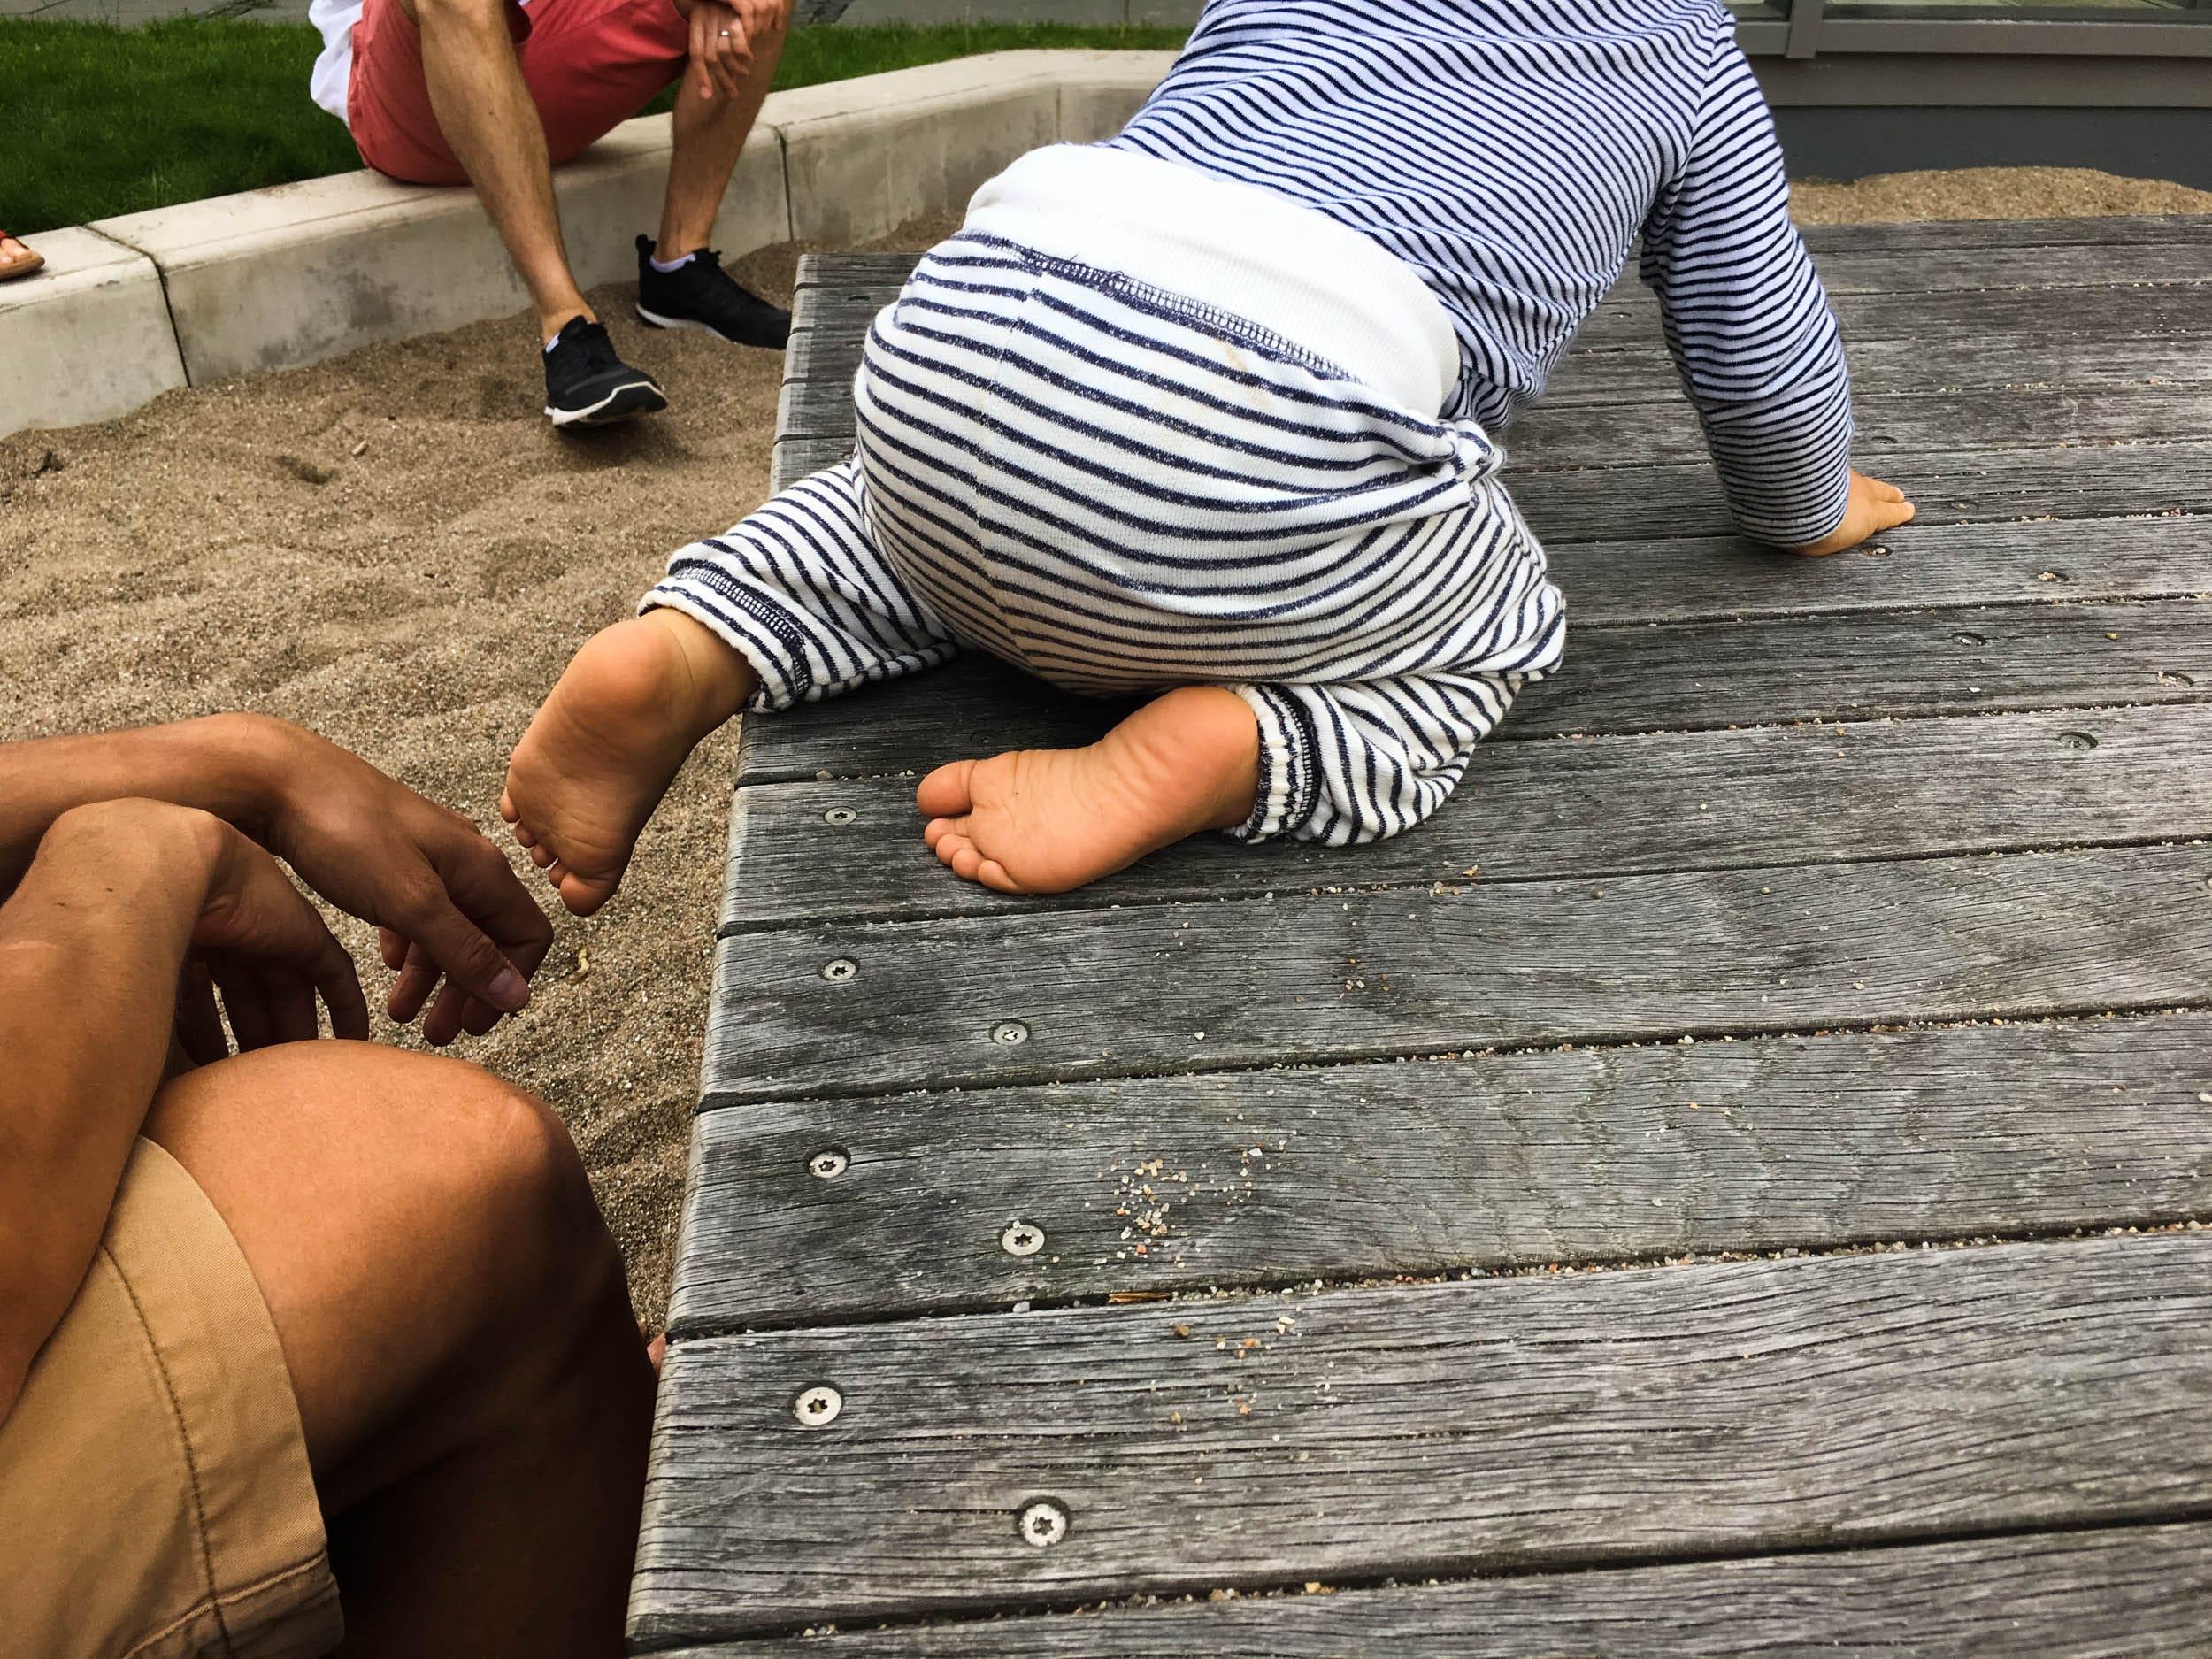 Kind auf dem Spielplatz | ivy.li